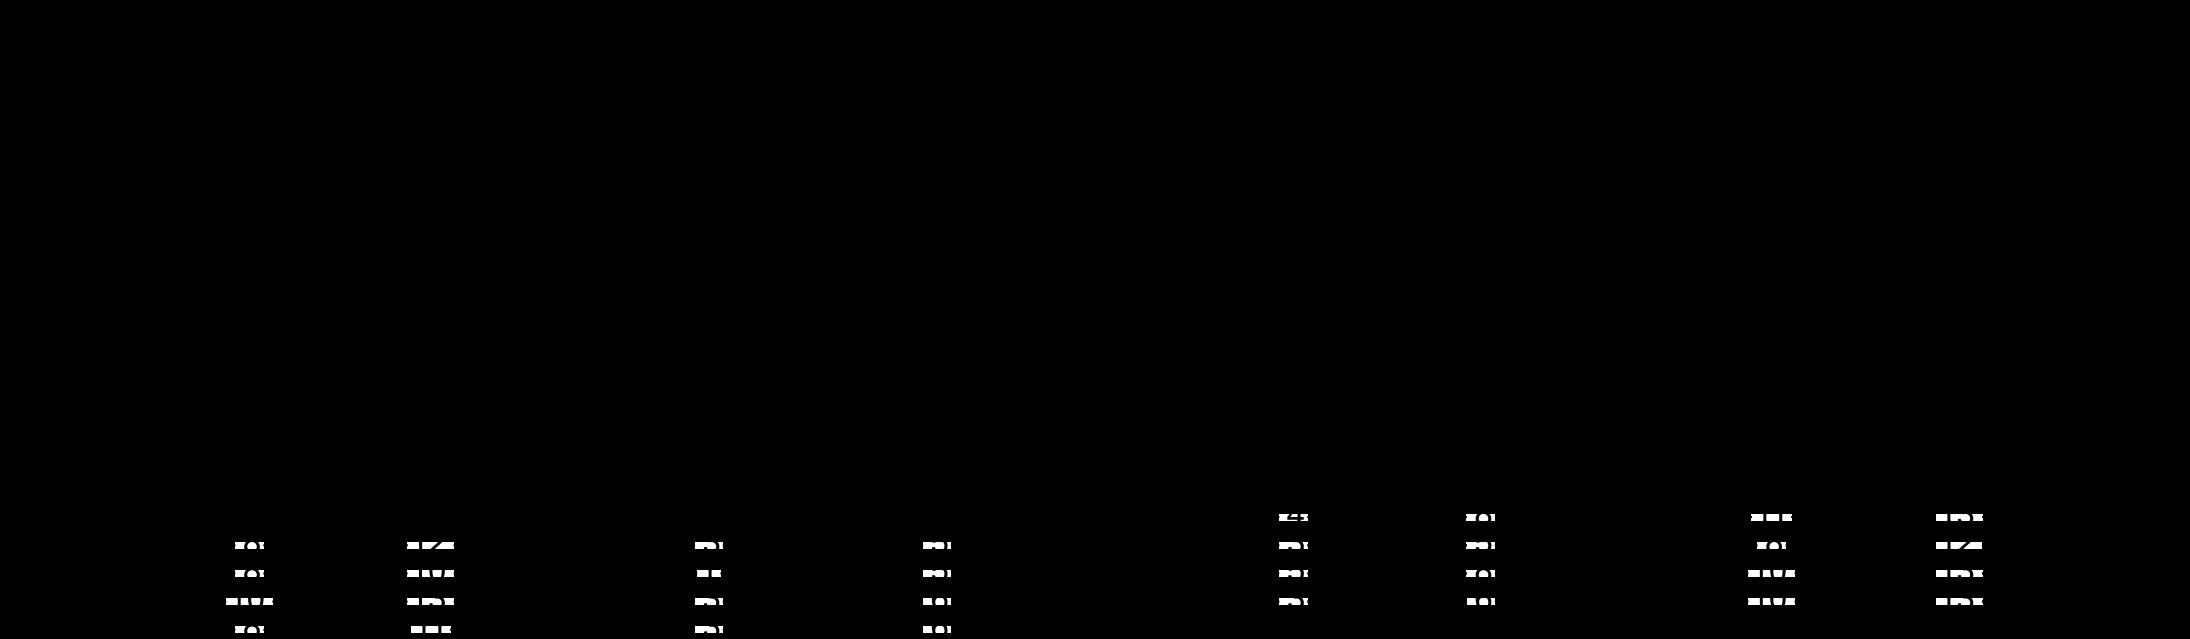 carraher-cmin7